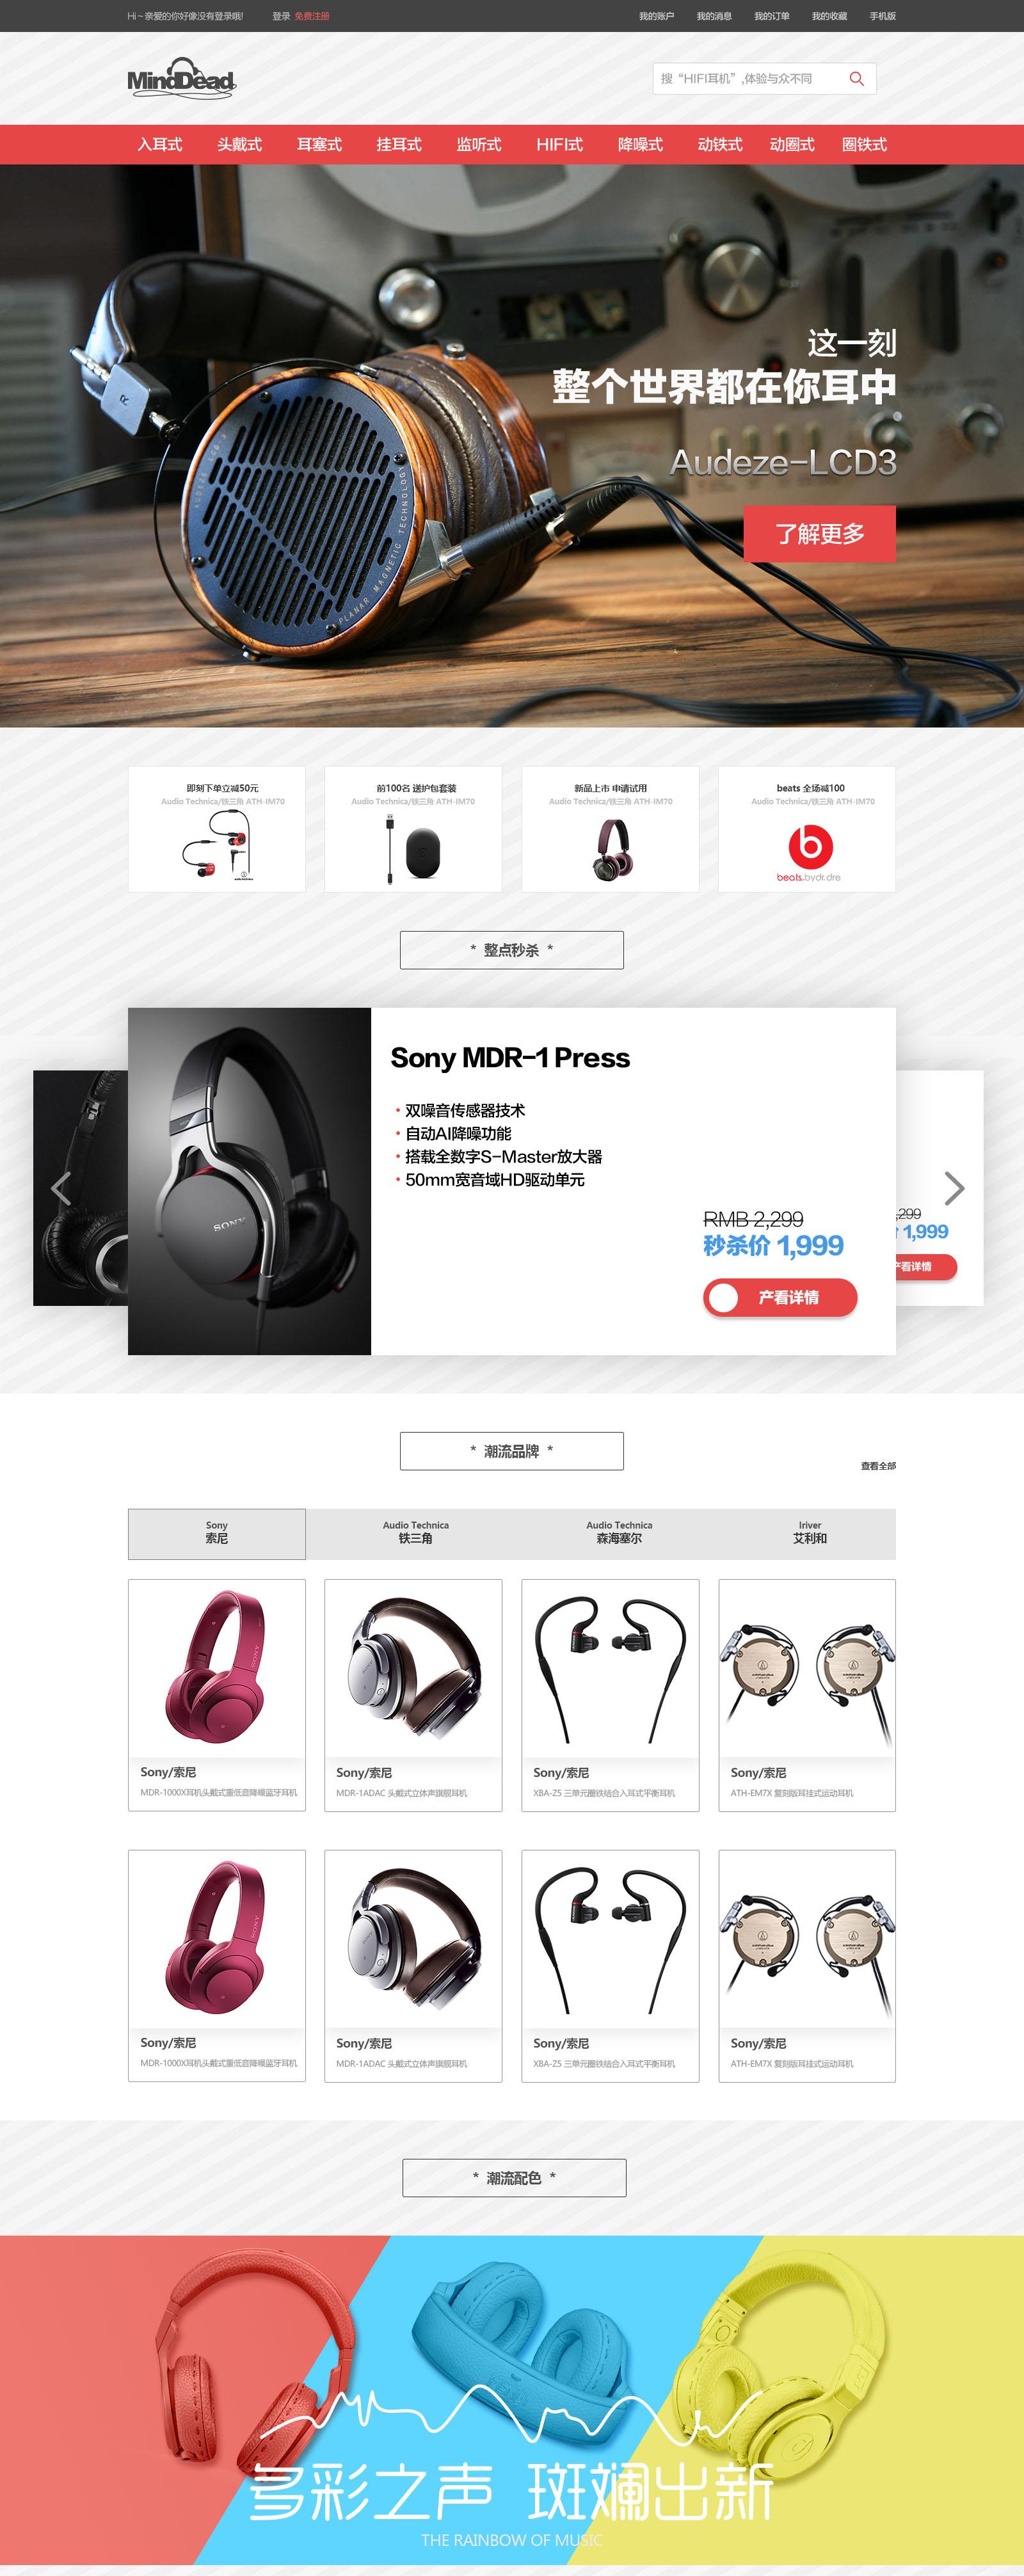 耳极 / 耳机发烧友垂直类电商(参与调研,竞品分析,交互原型图片